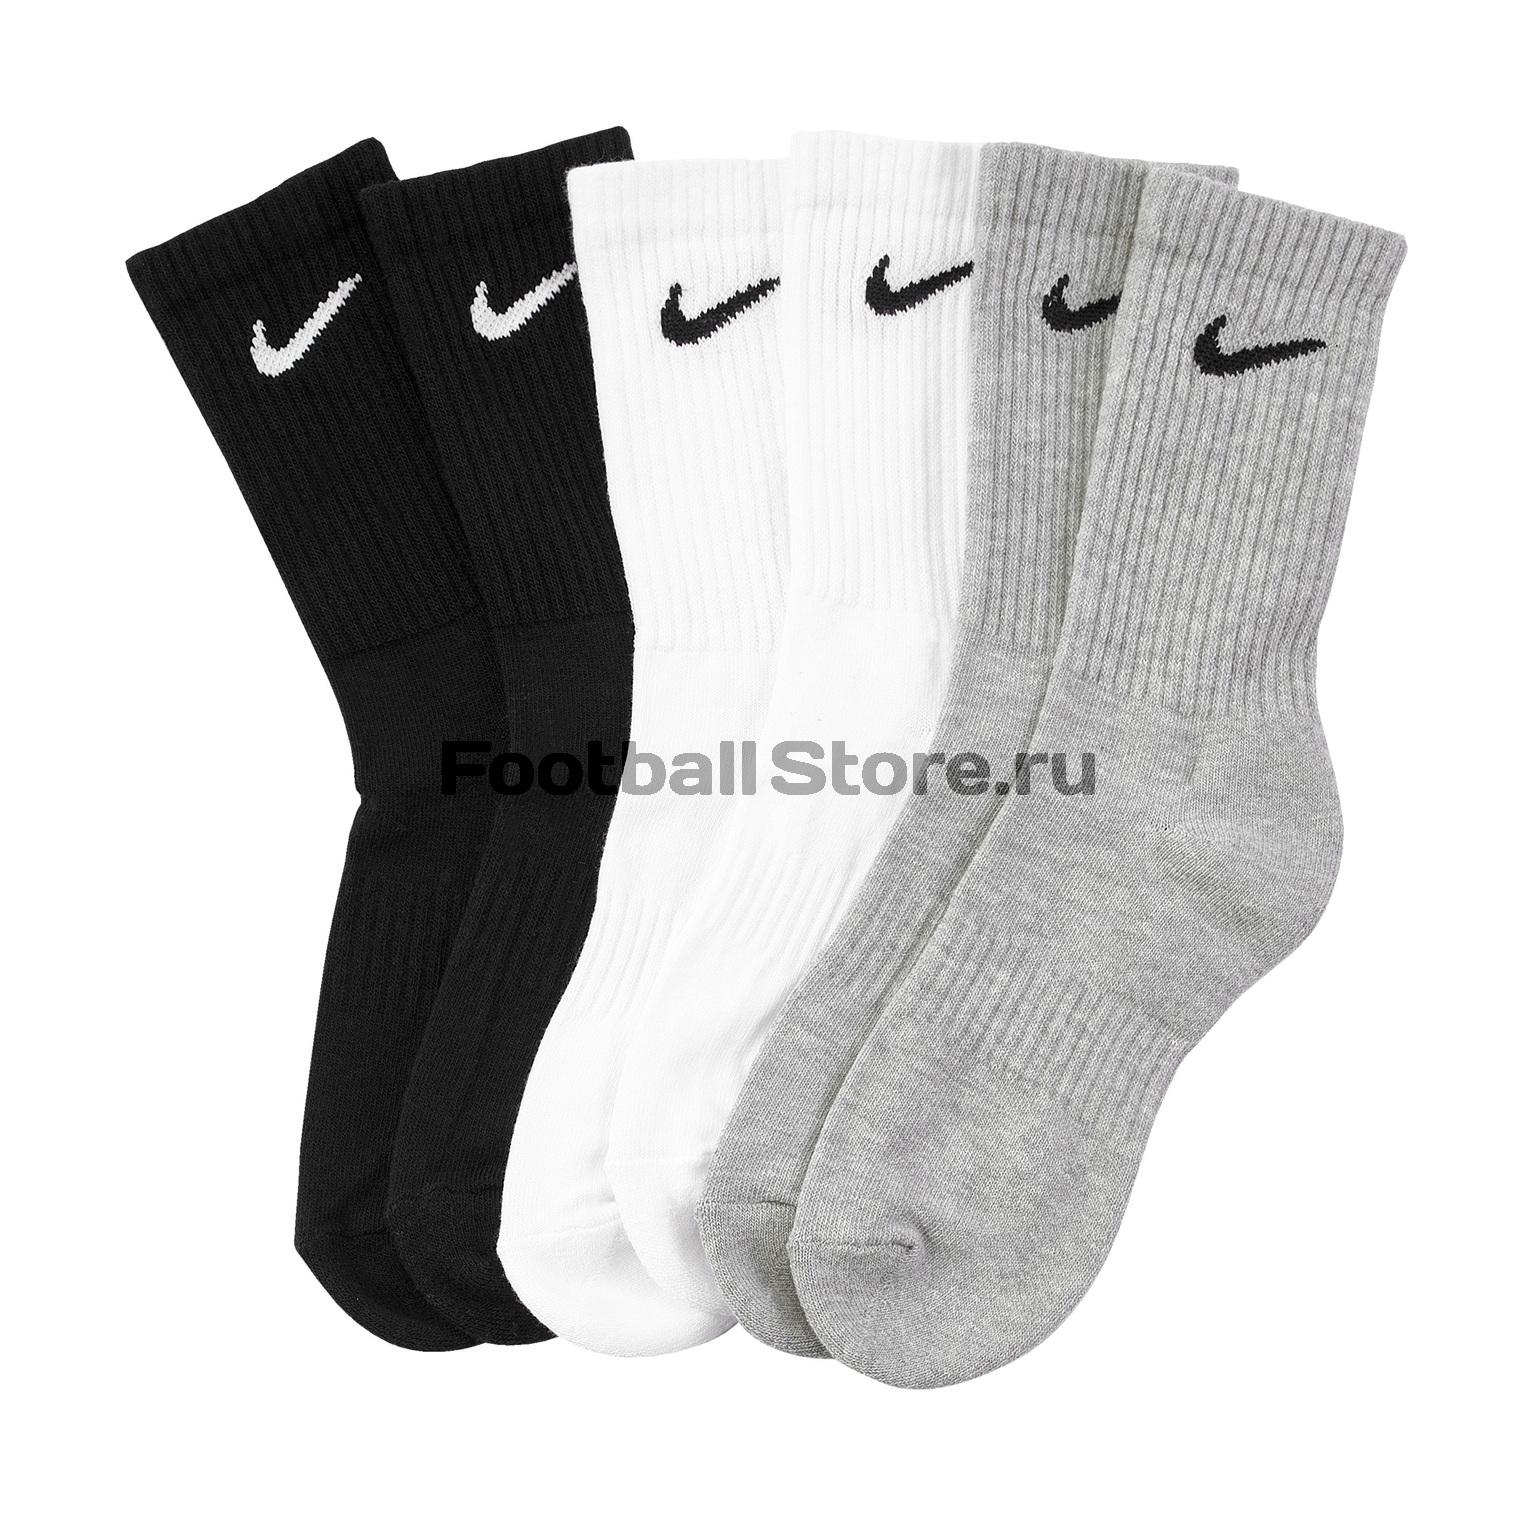 Комплект носков (3 пары) Nike Everyday SX7664-901 цена